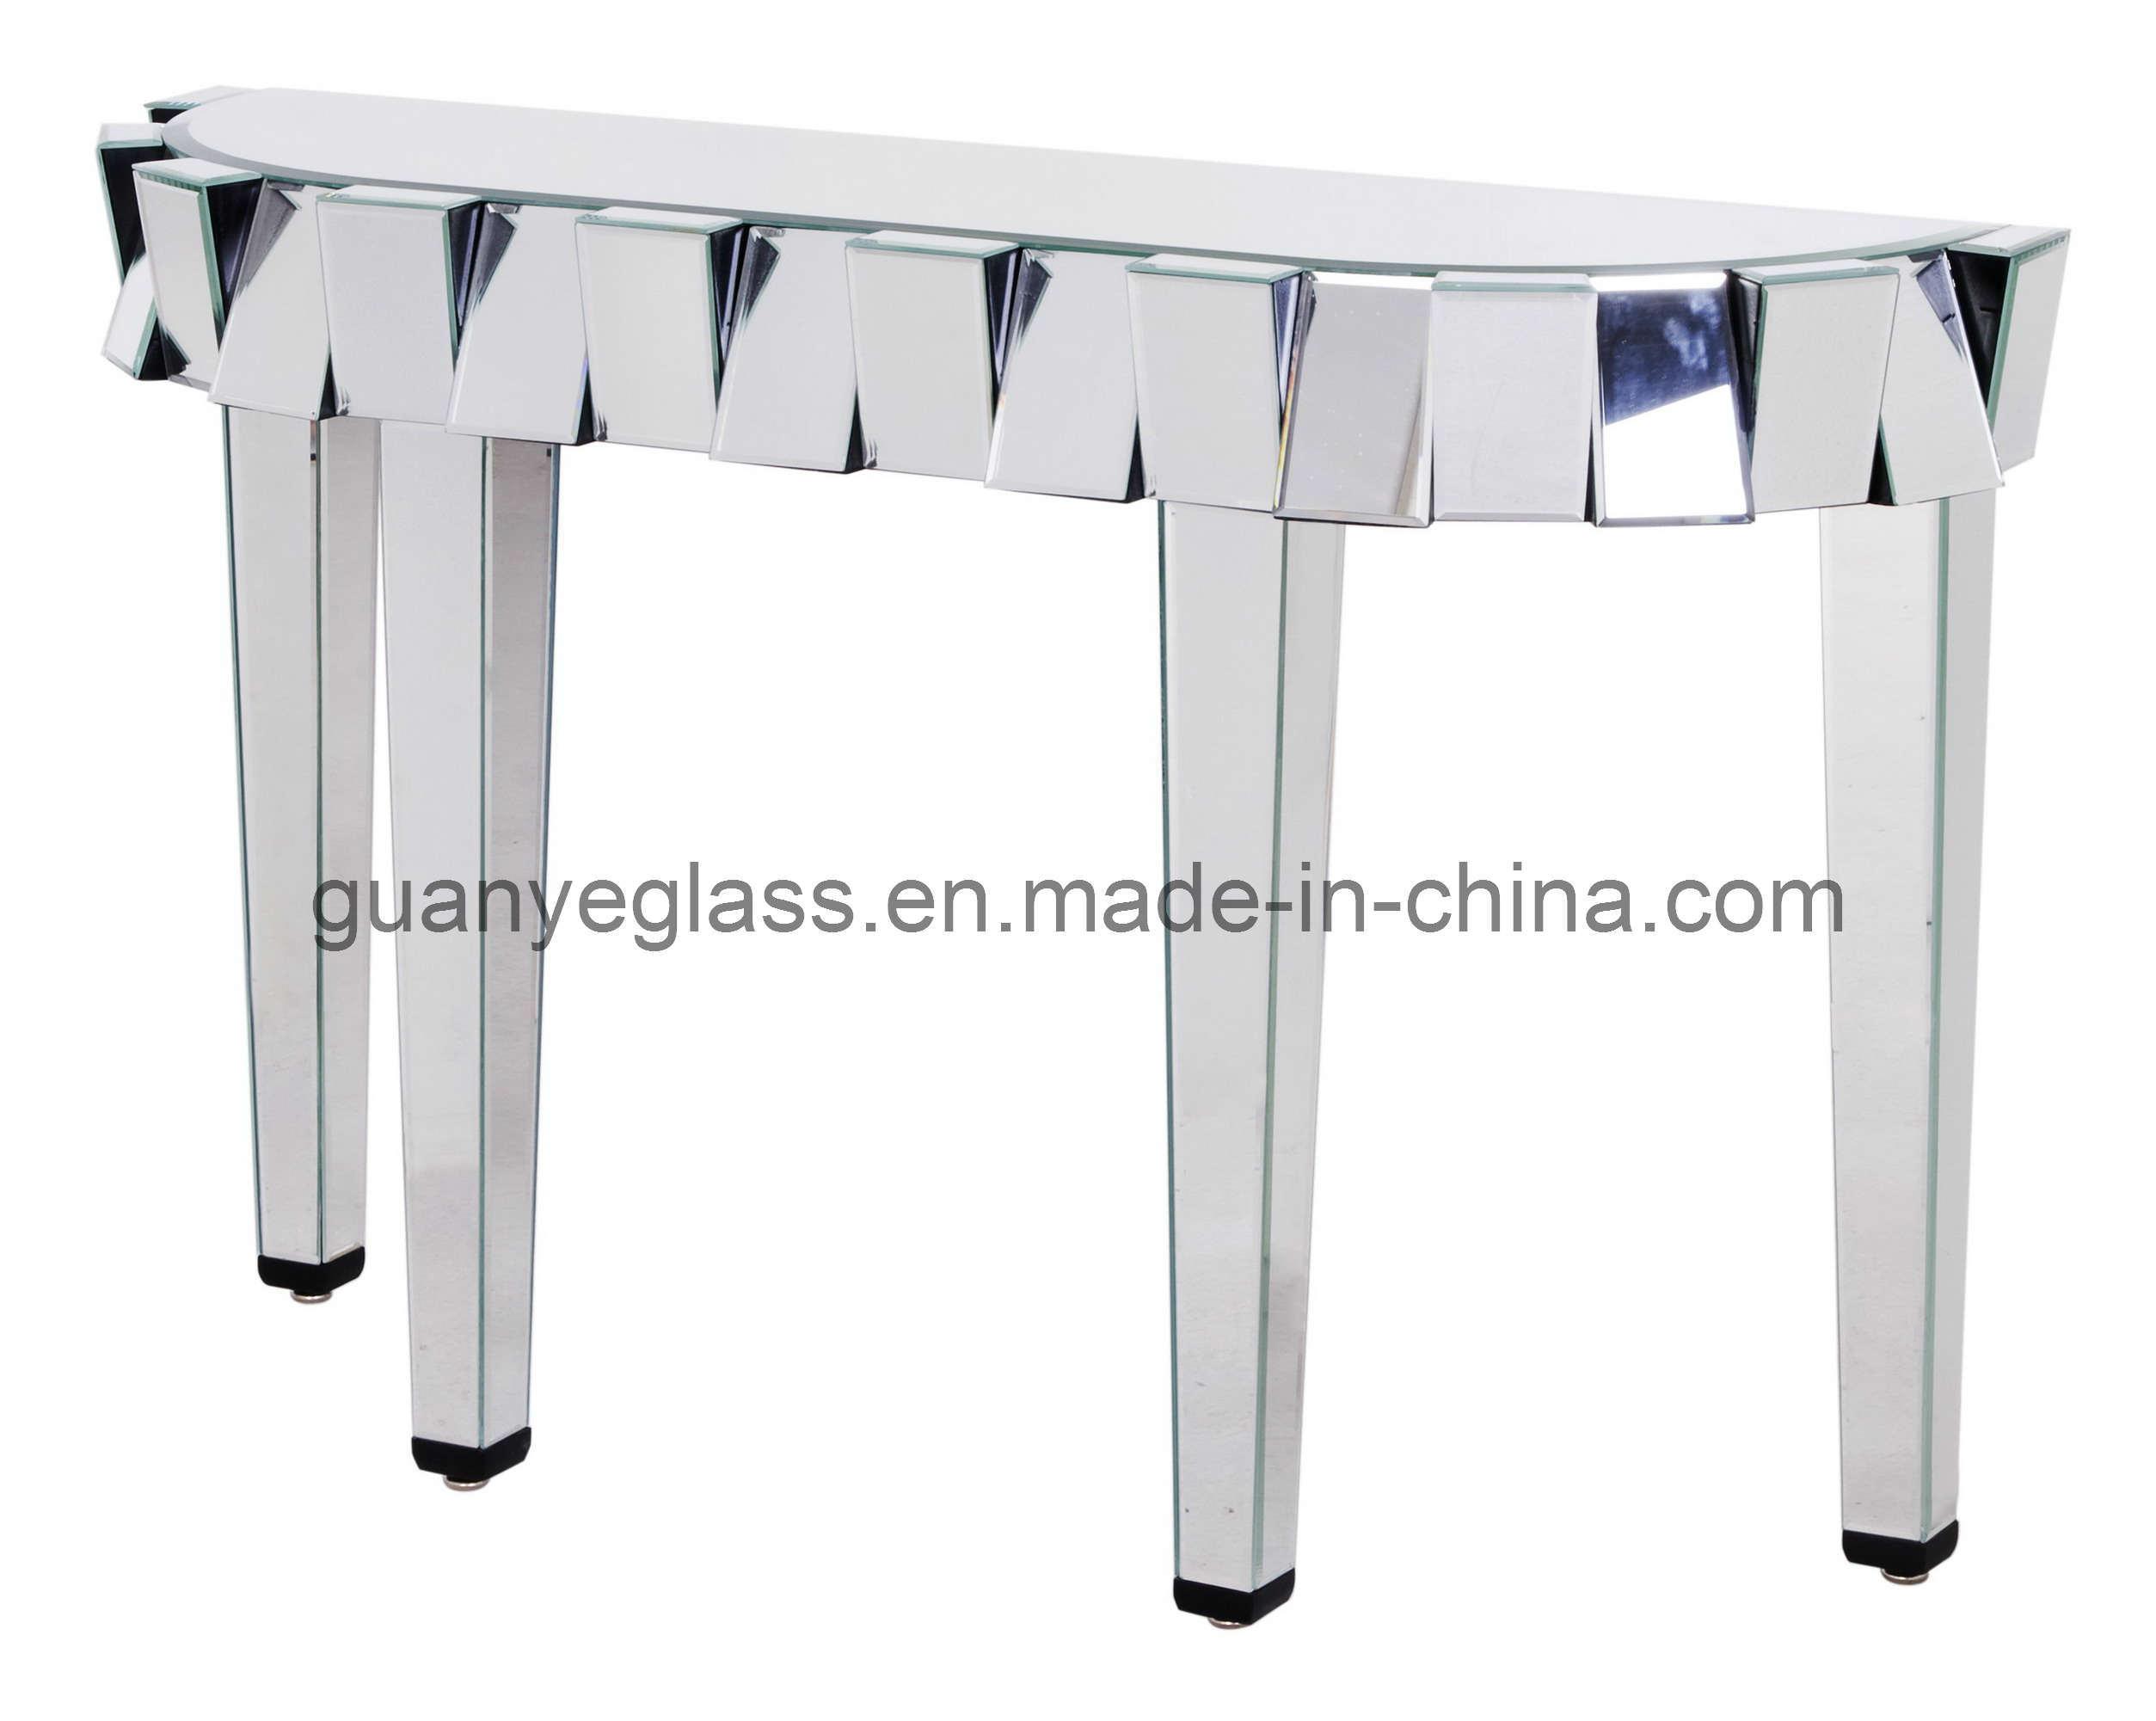 tableau de console argent de miroir xjs052a tableau de. Black Bedroom Furniture Sets. Home Design Ideas